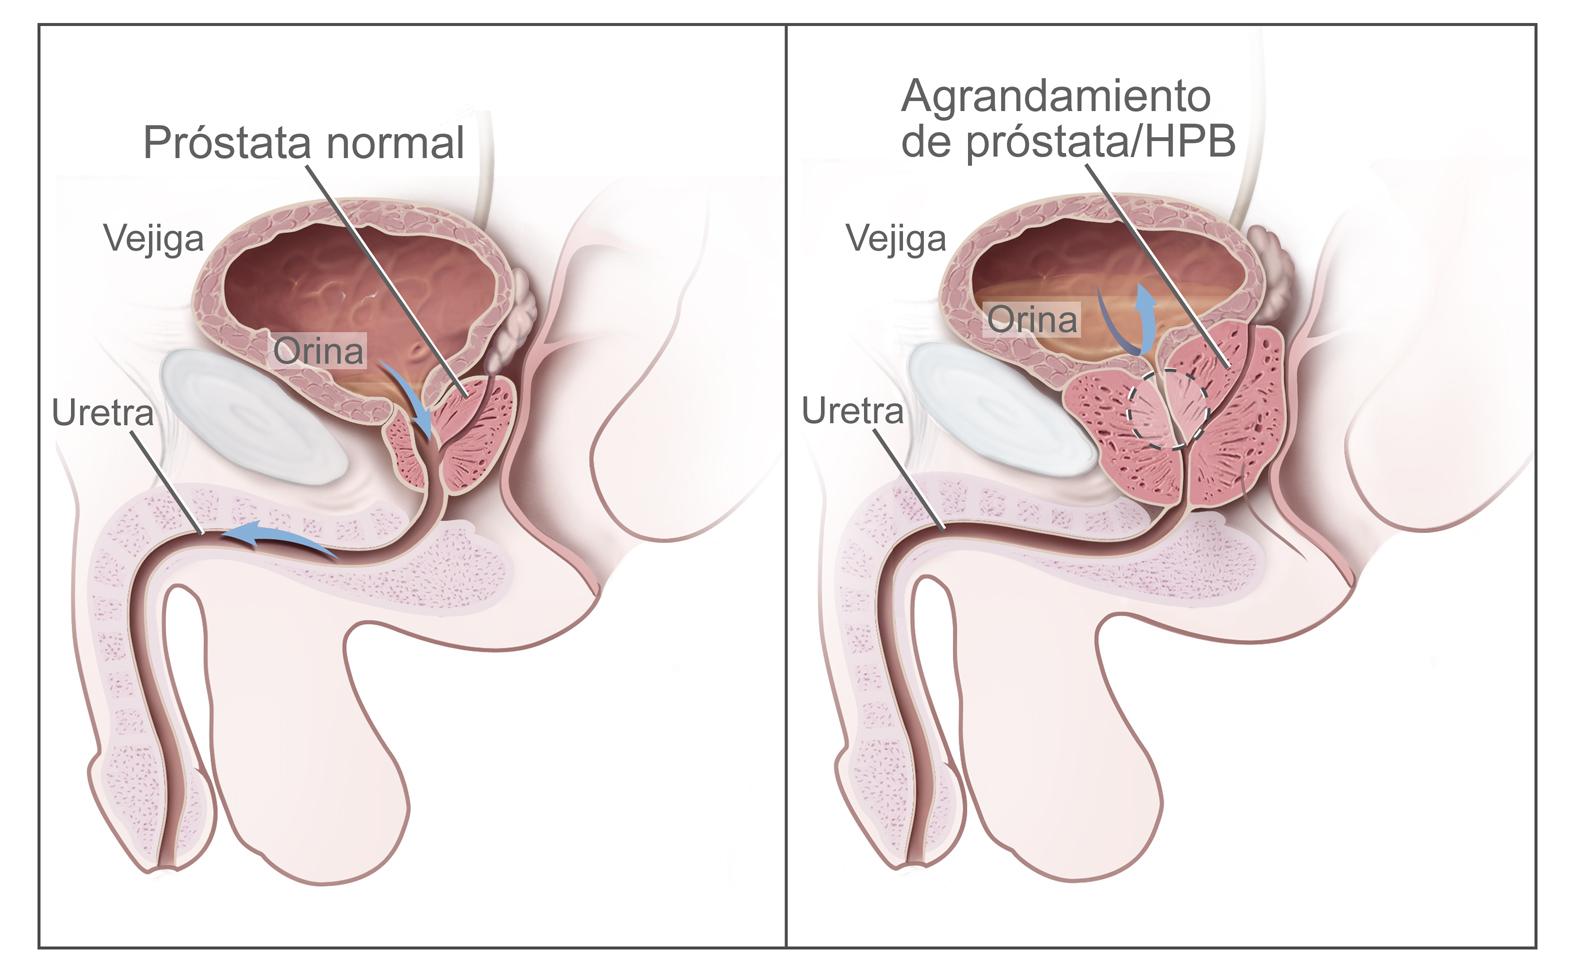 anatomías prostáticas de la